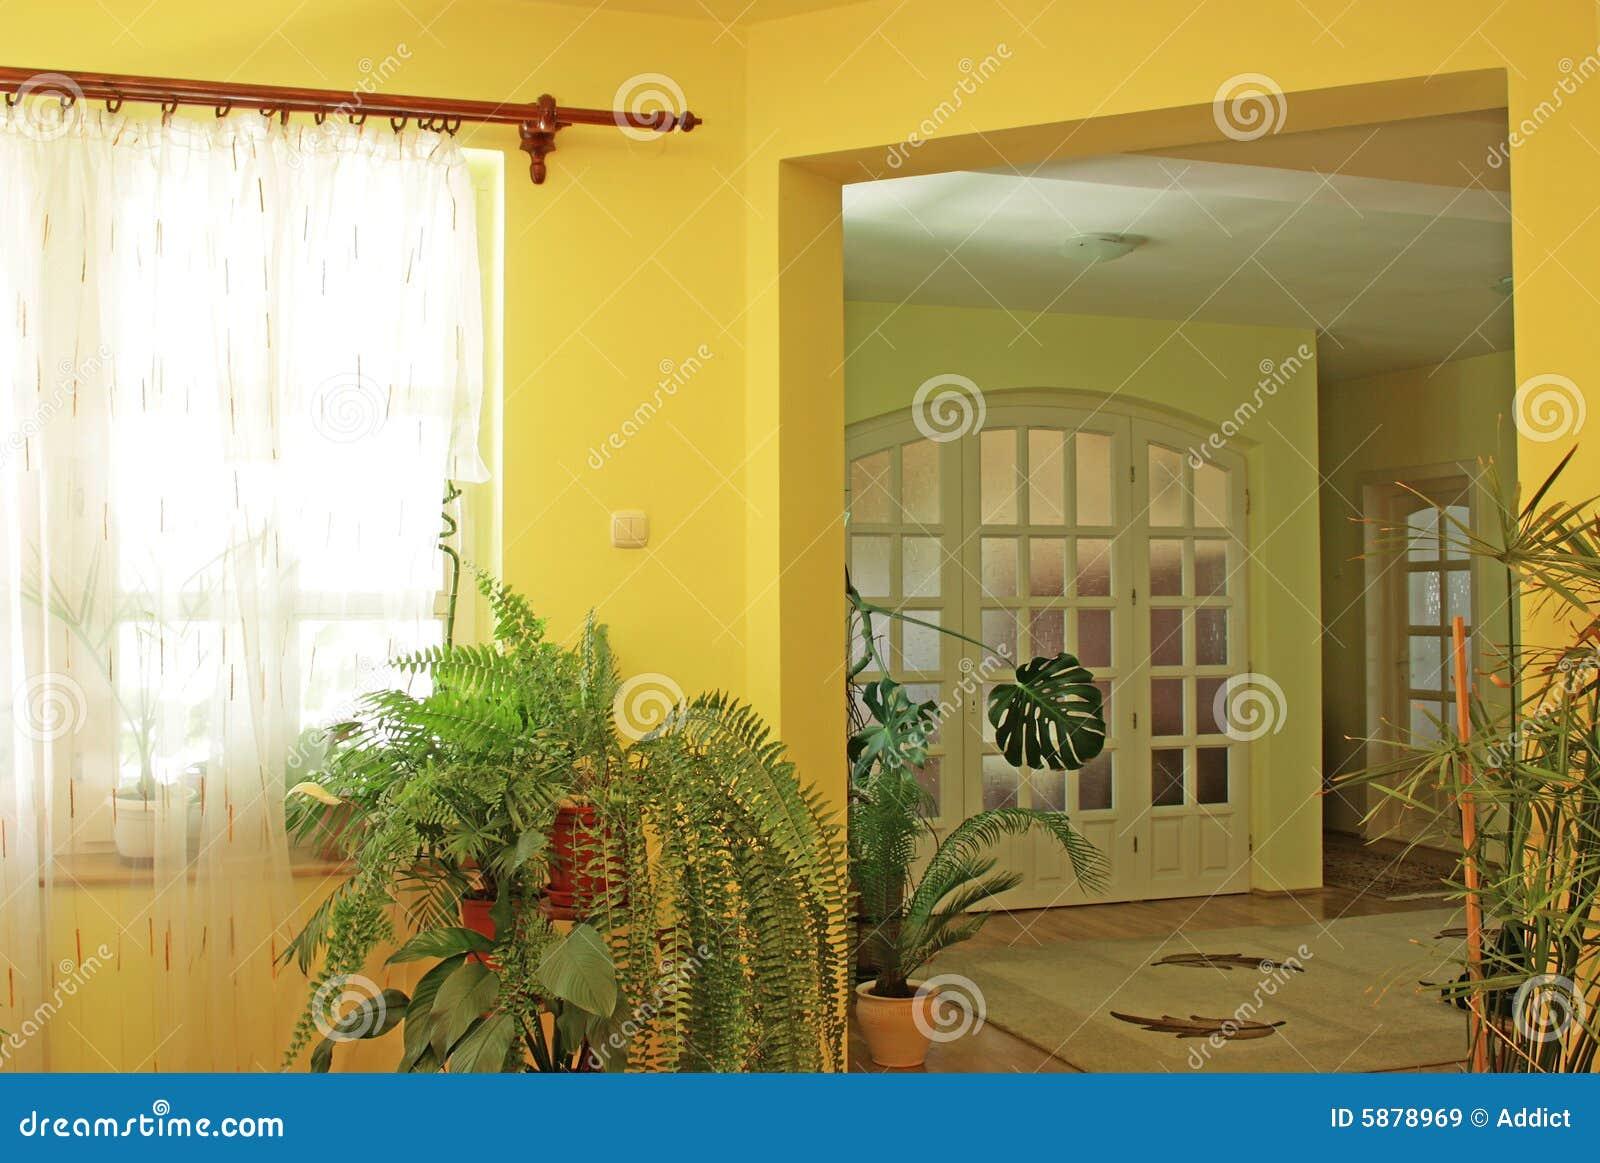 Interieur Maison Jaune